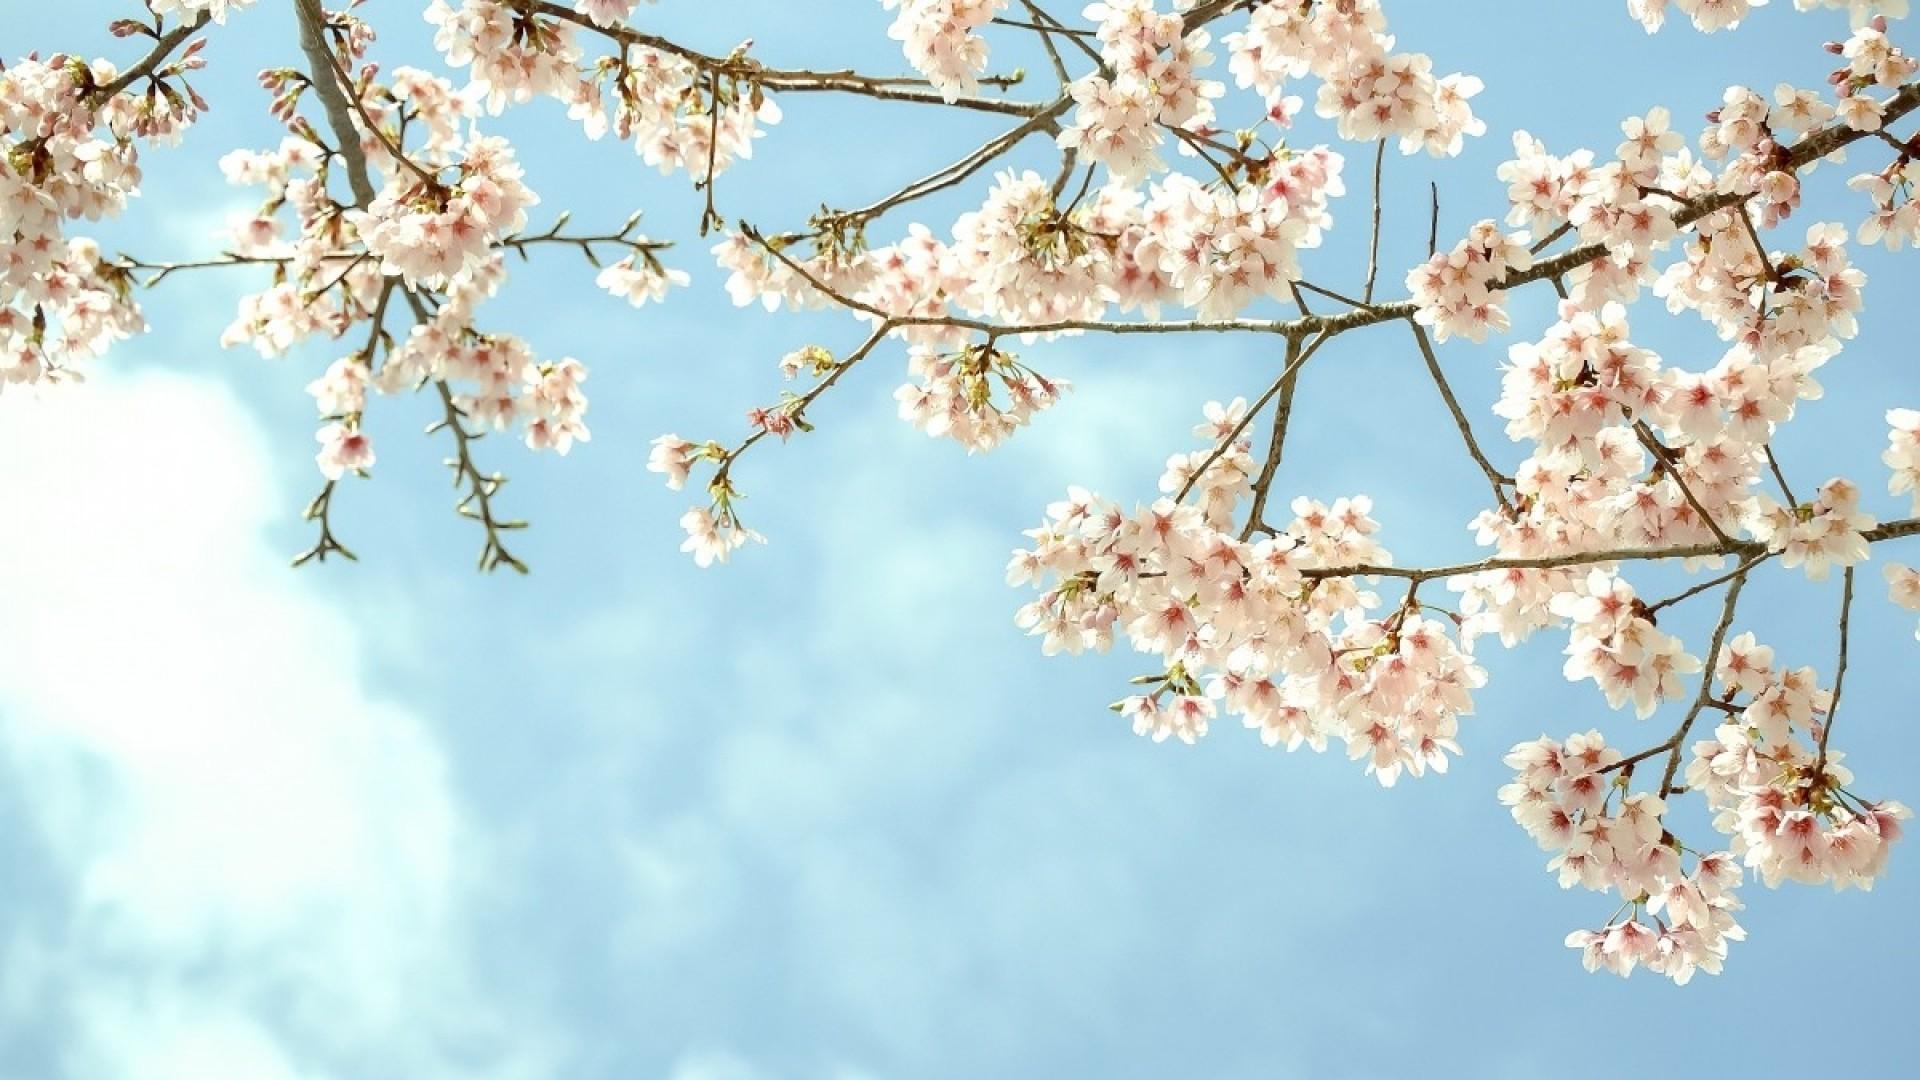 Я смотрю — прорастает из лёгких весна. Это значит, что я победила…